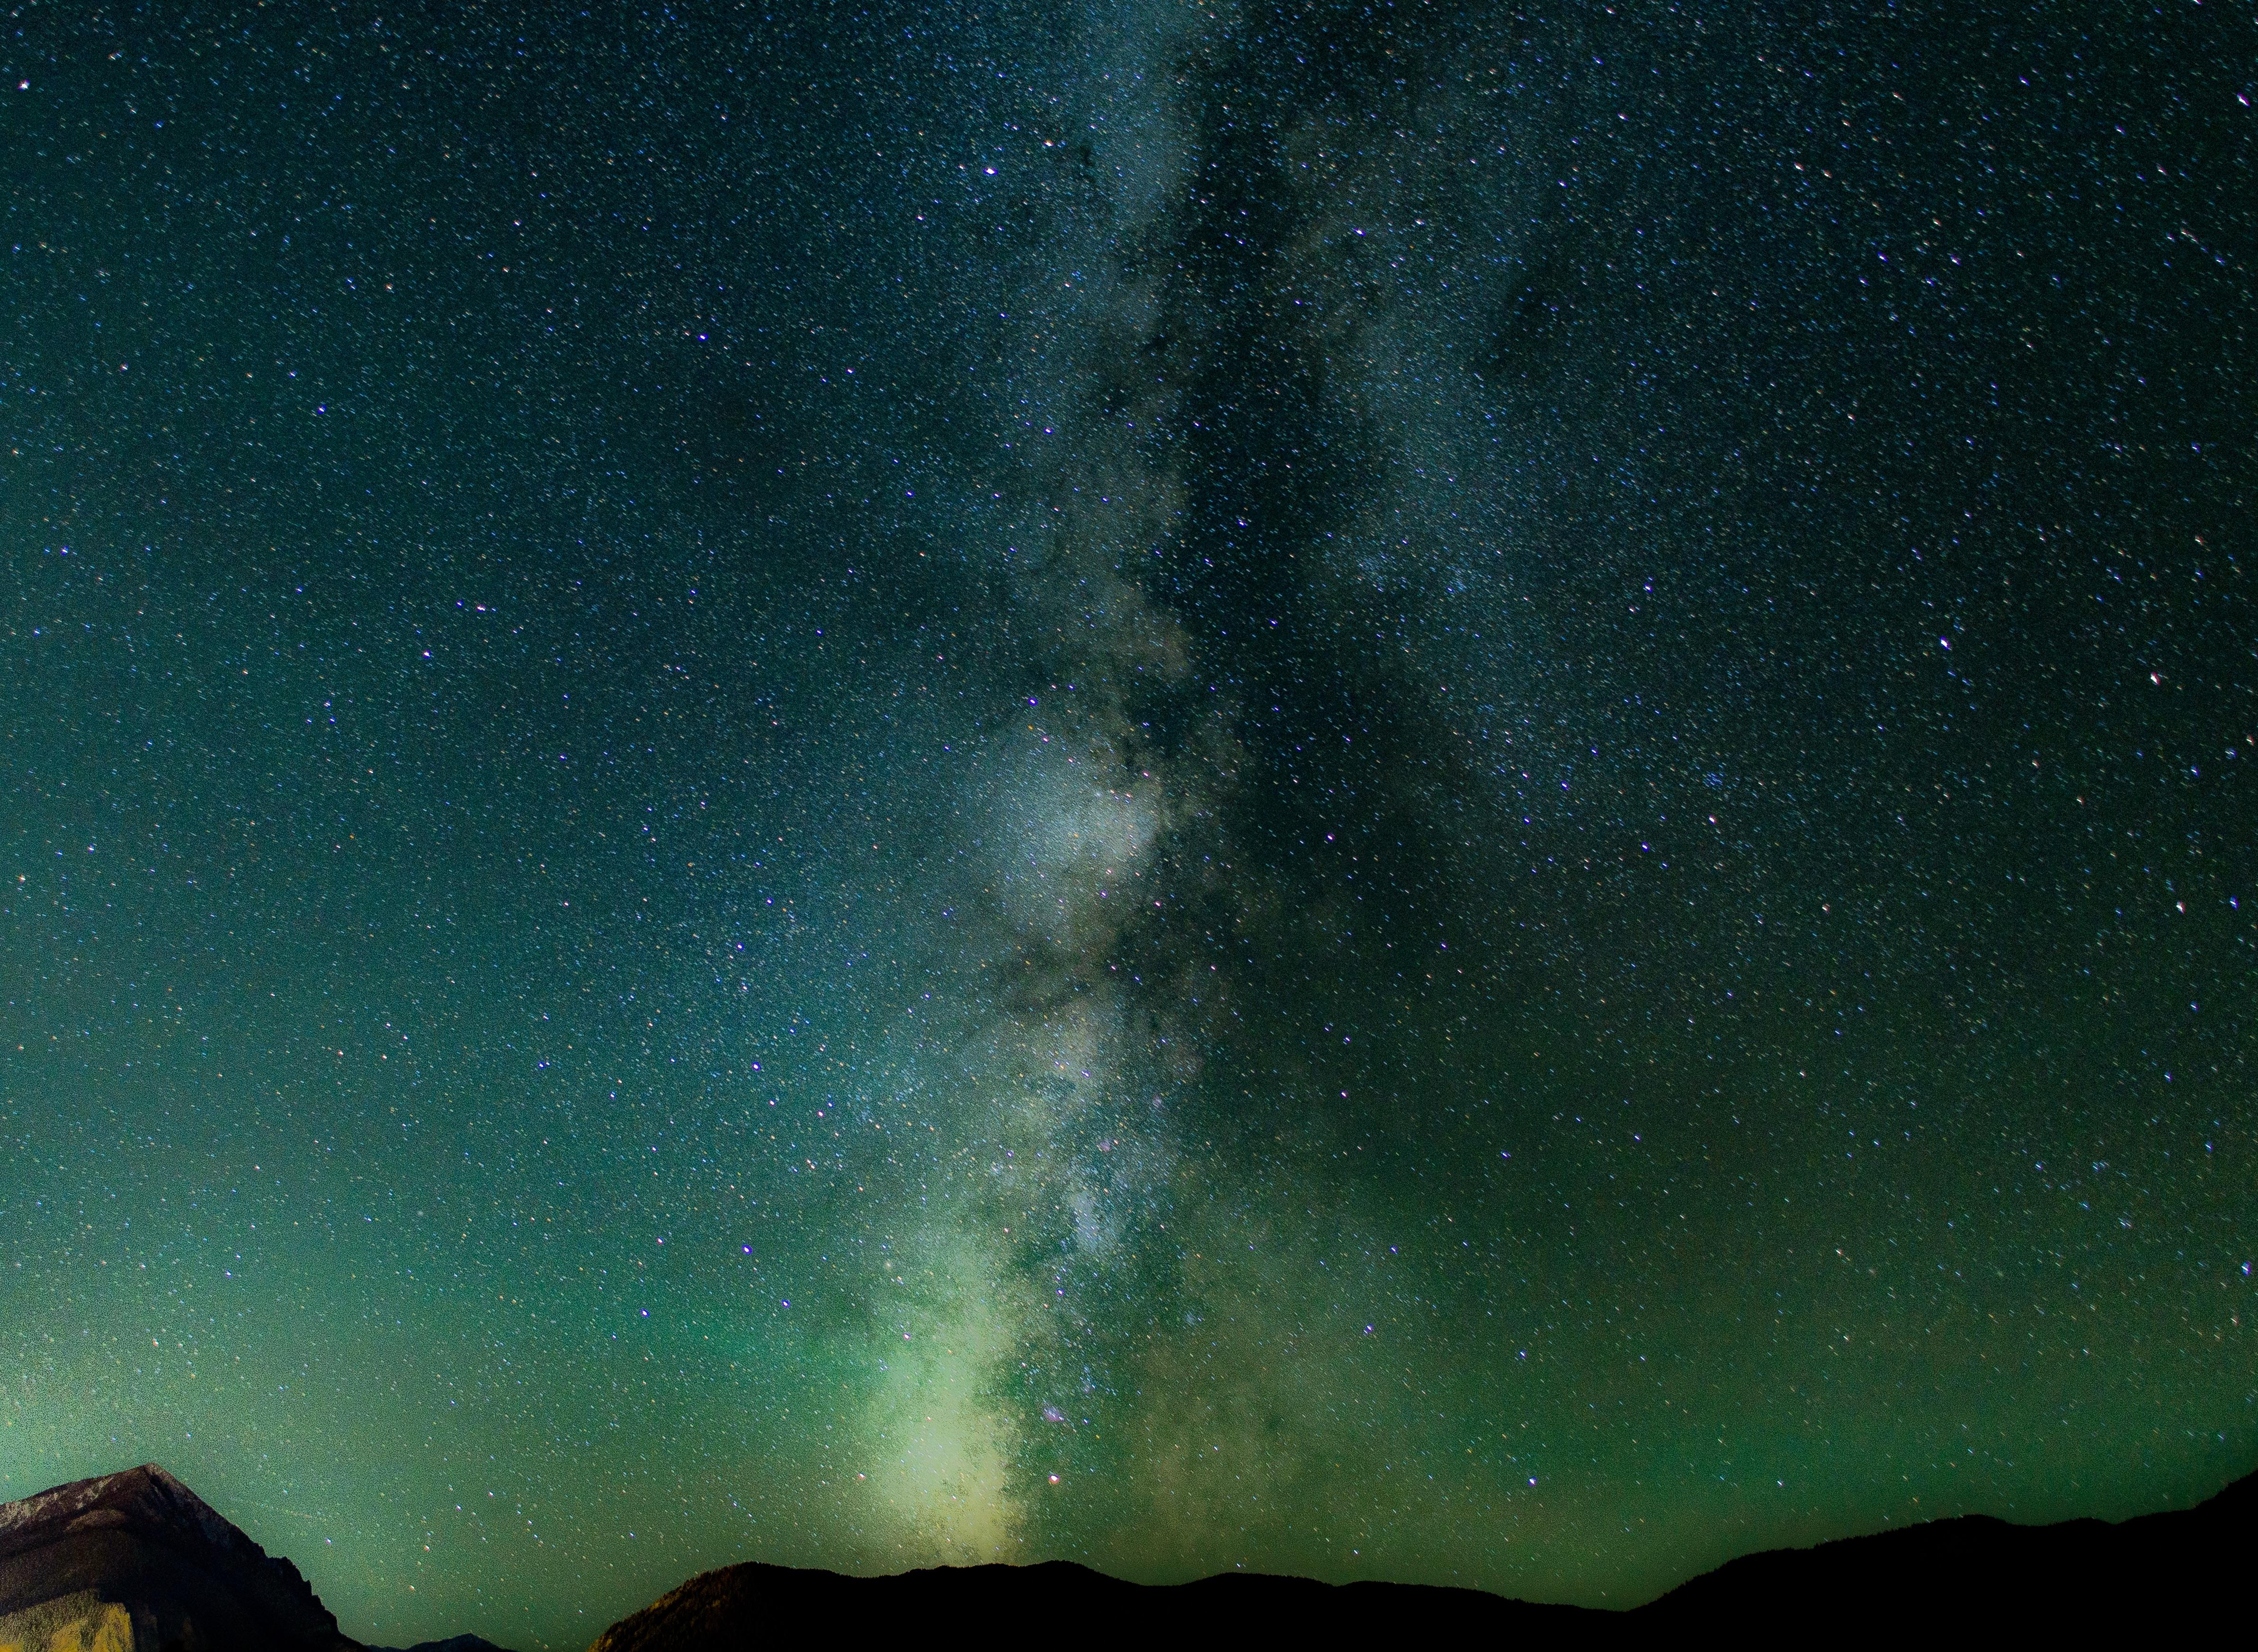 фото млечного пути на небе медицинский